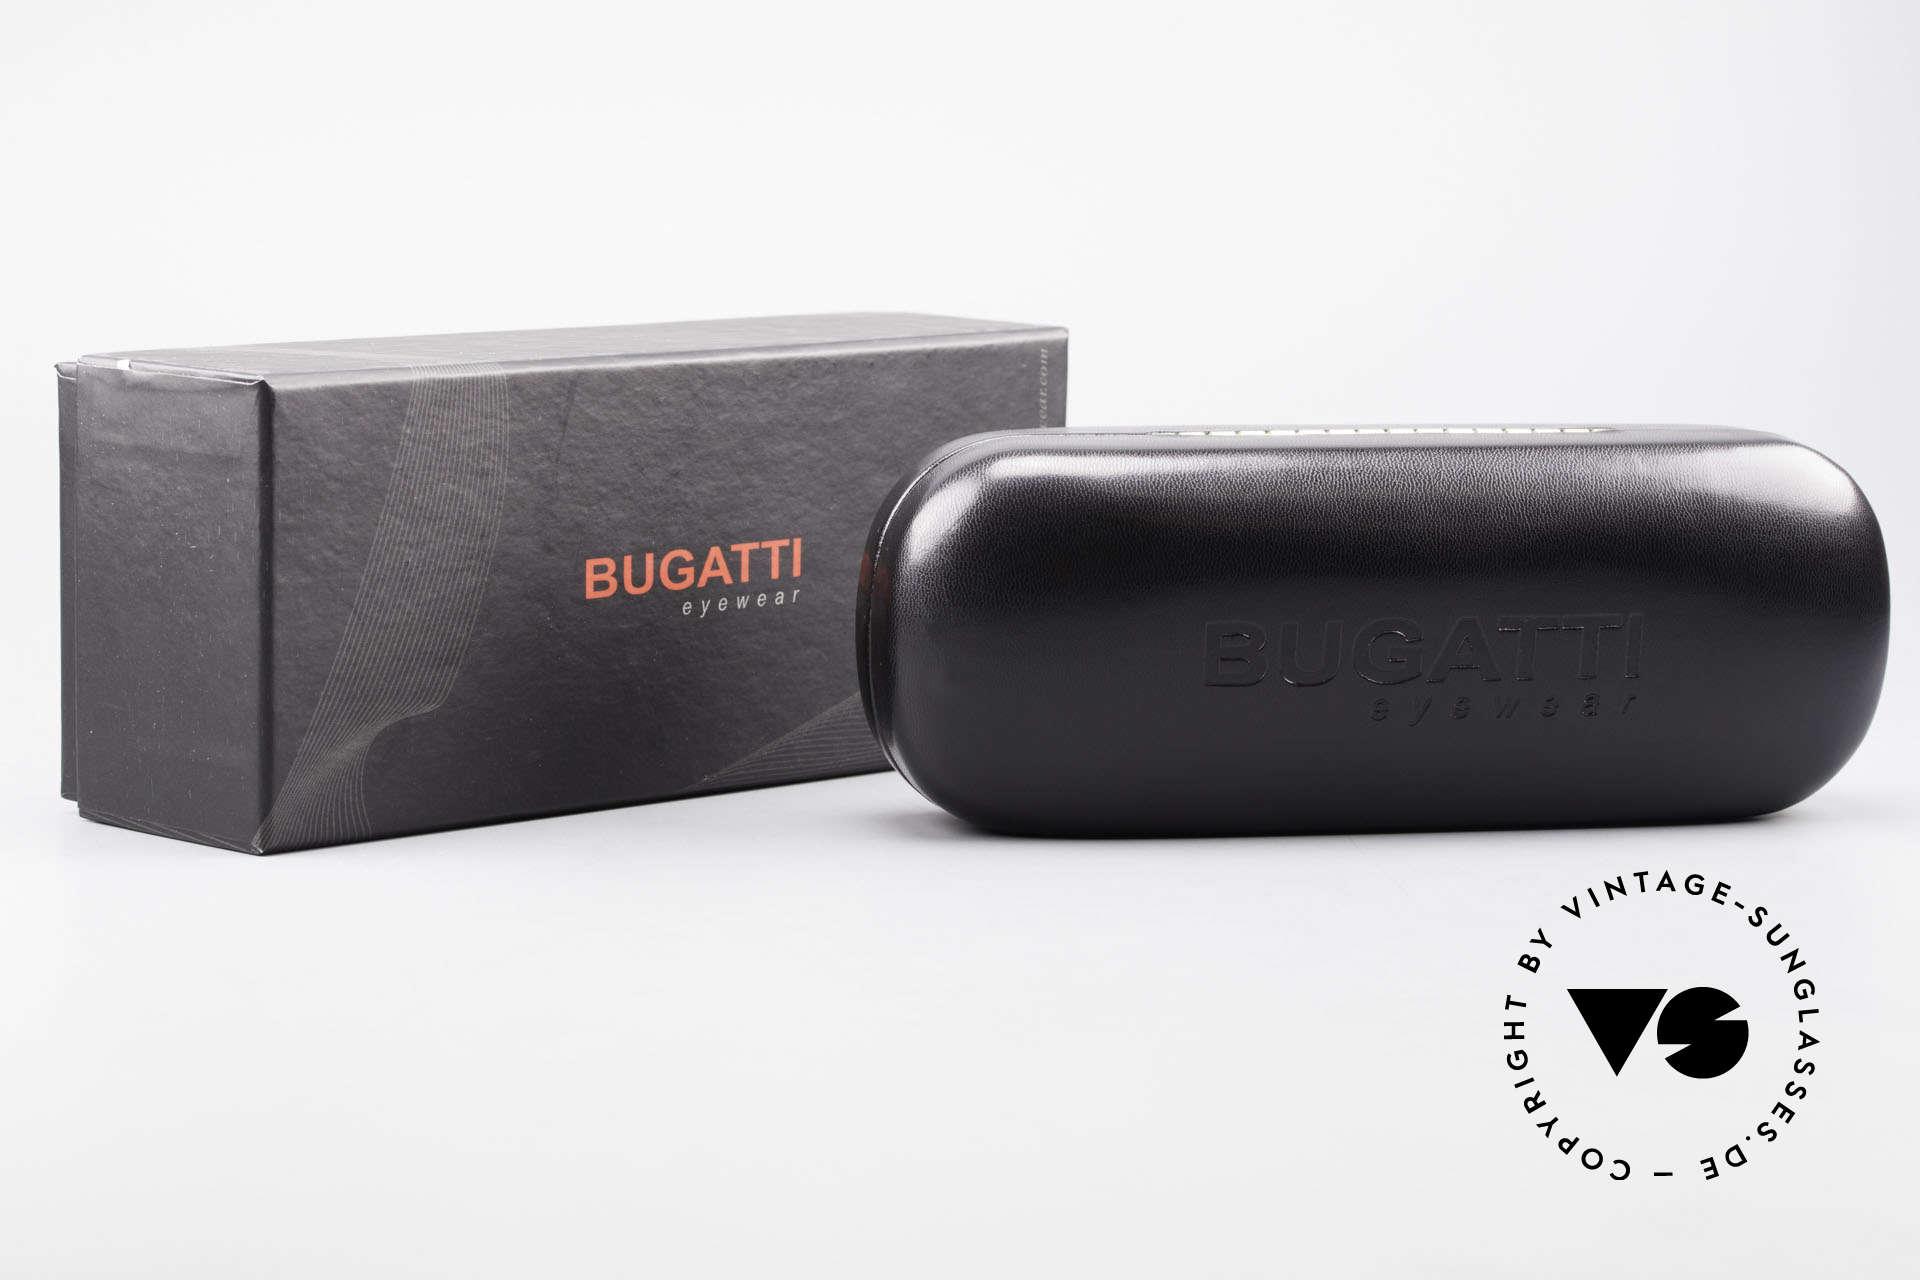 Bugatti 497 Ruthenium Vintage Eyeglasses, Size: large, Made for Men